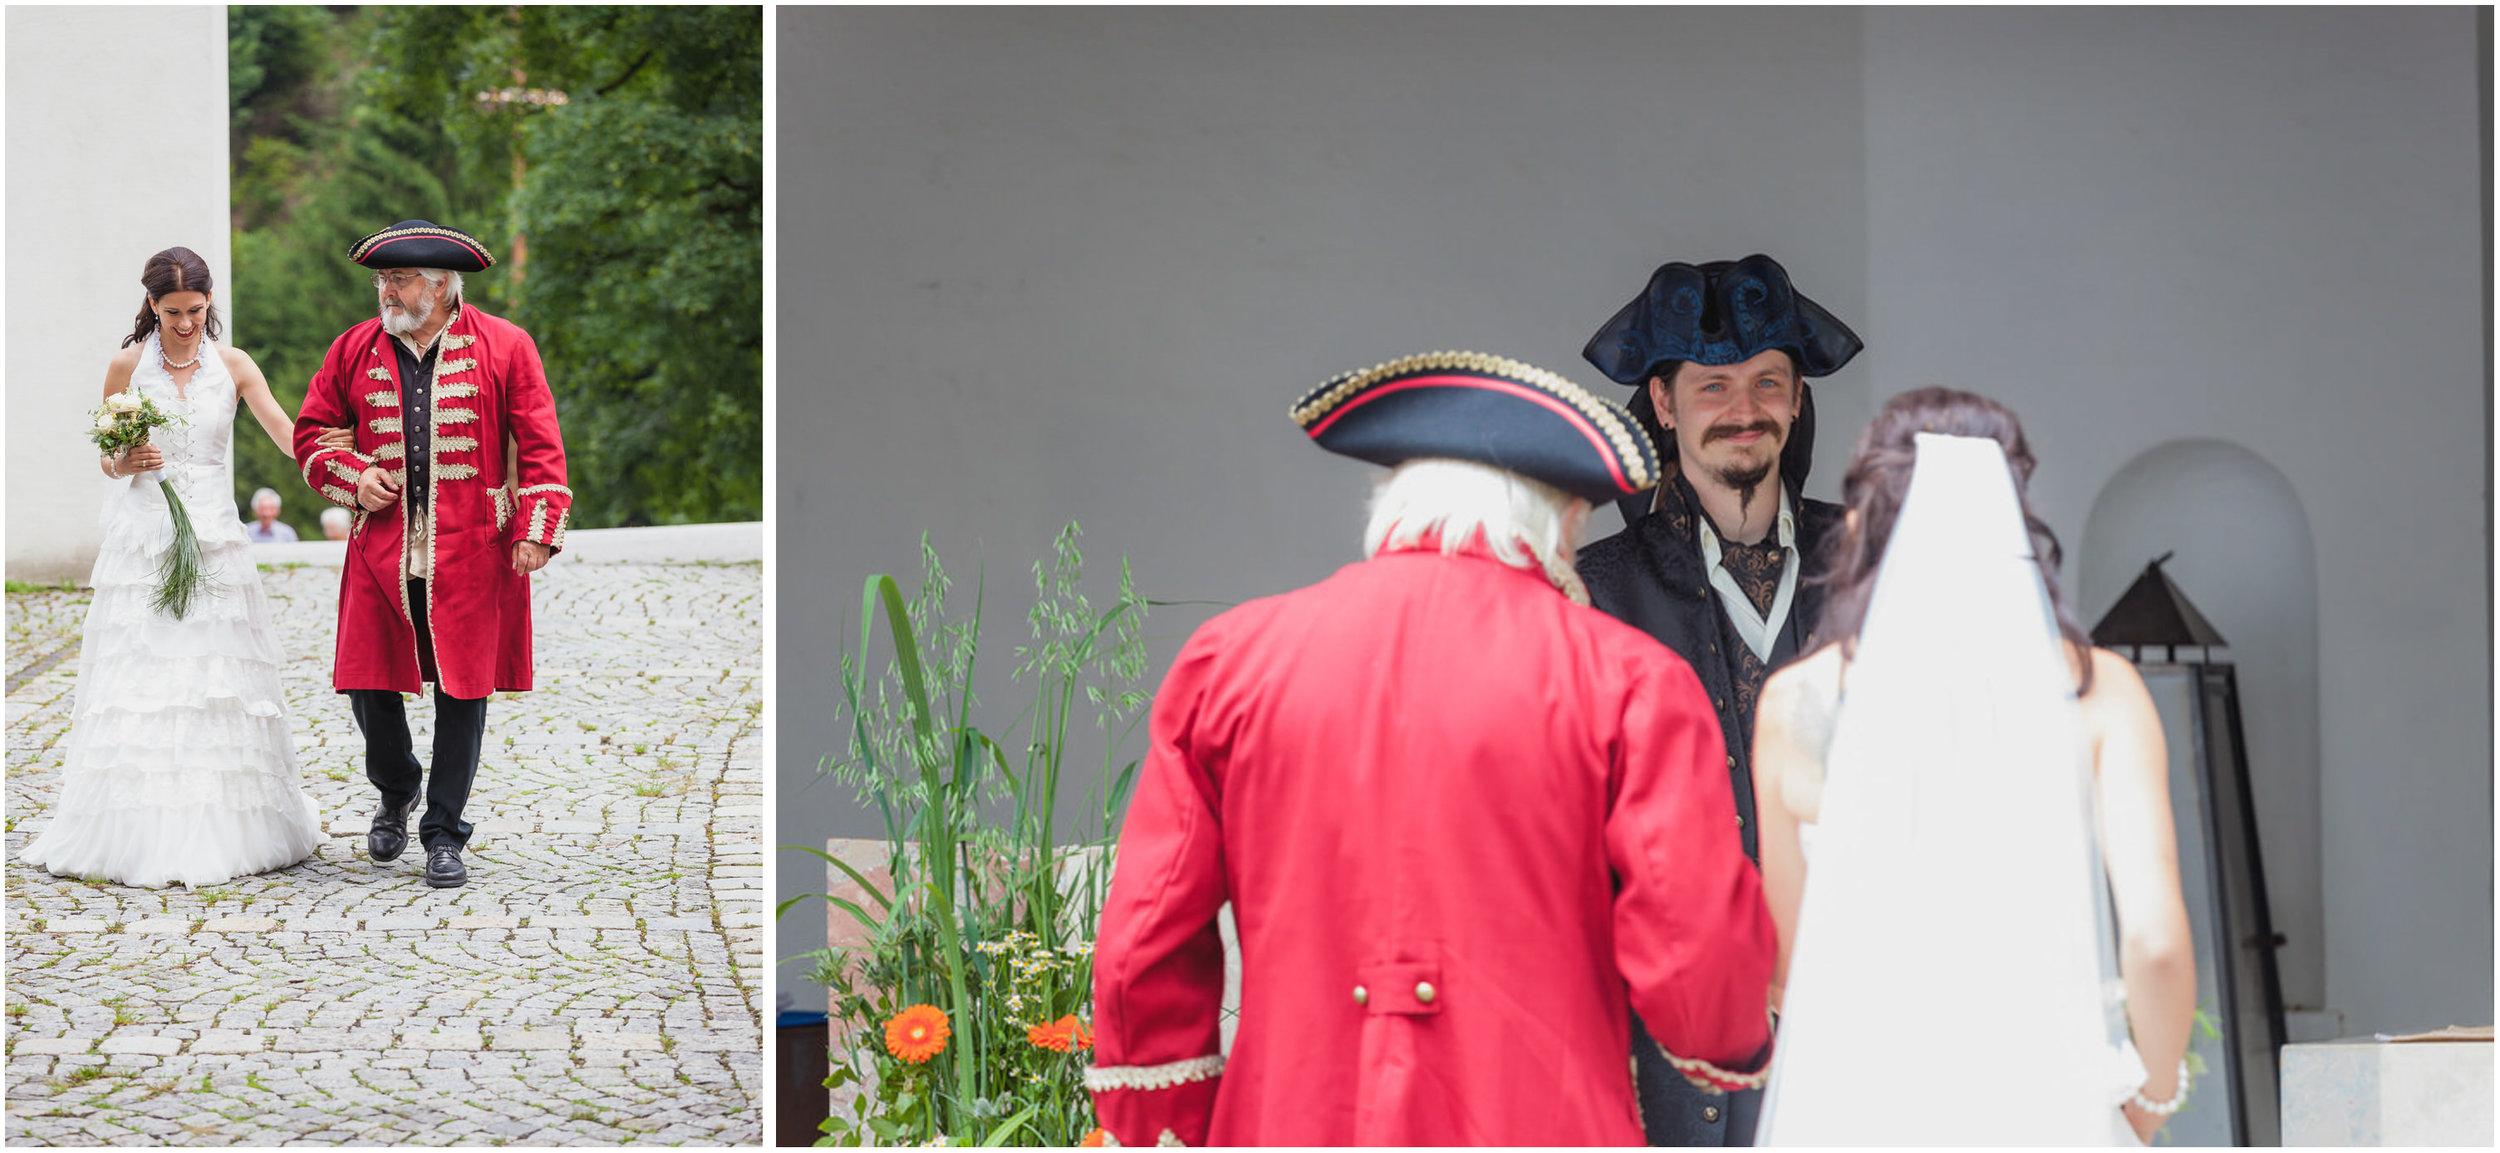 Photos-by-Markus-Joebstl-Piratenhochzeit-00018.jpg